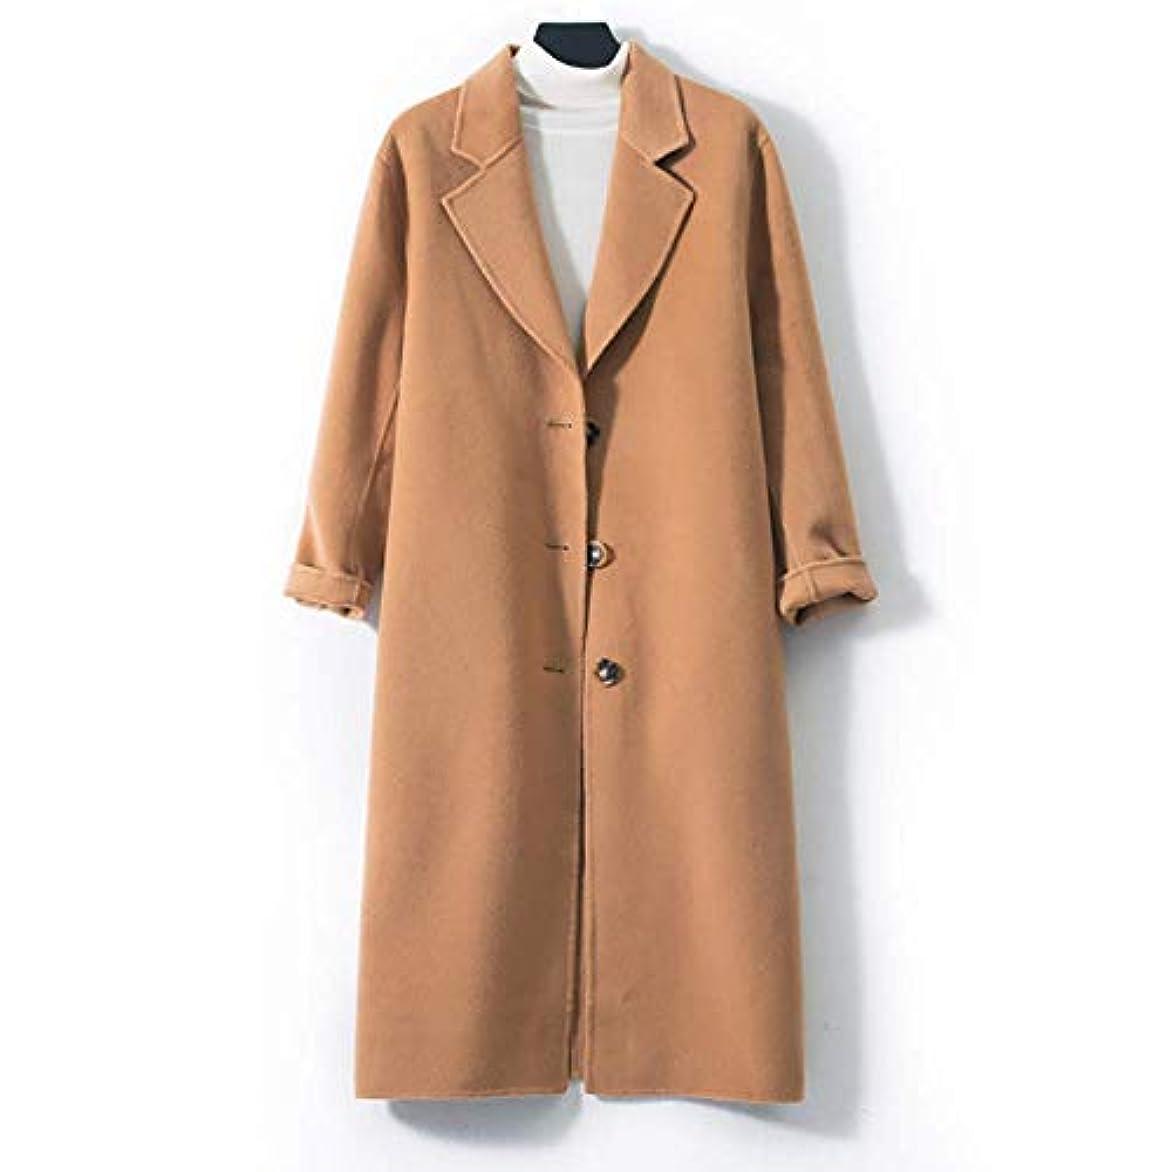 ドットビーズスカリーロングウールコート、両面ウールコートレディース大きいサイズの婦人服レディースジャケットレディースコートレディースウインドブレーカージャケット,ブラウン,S